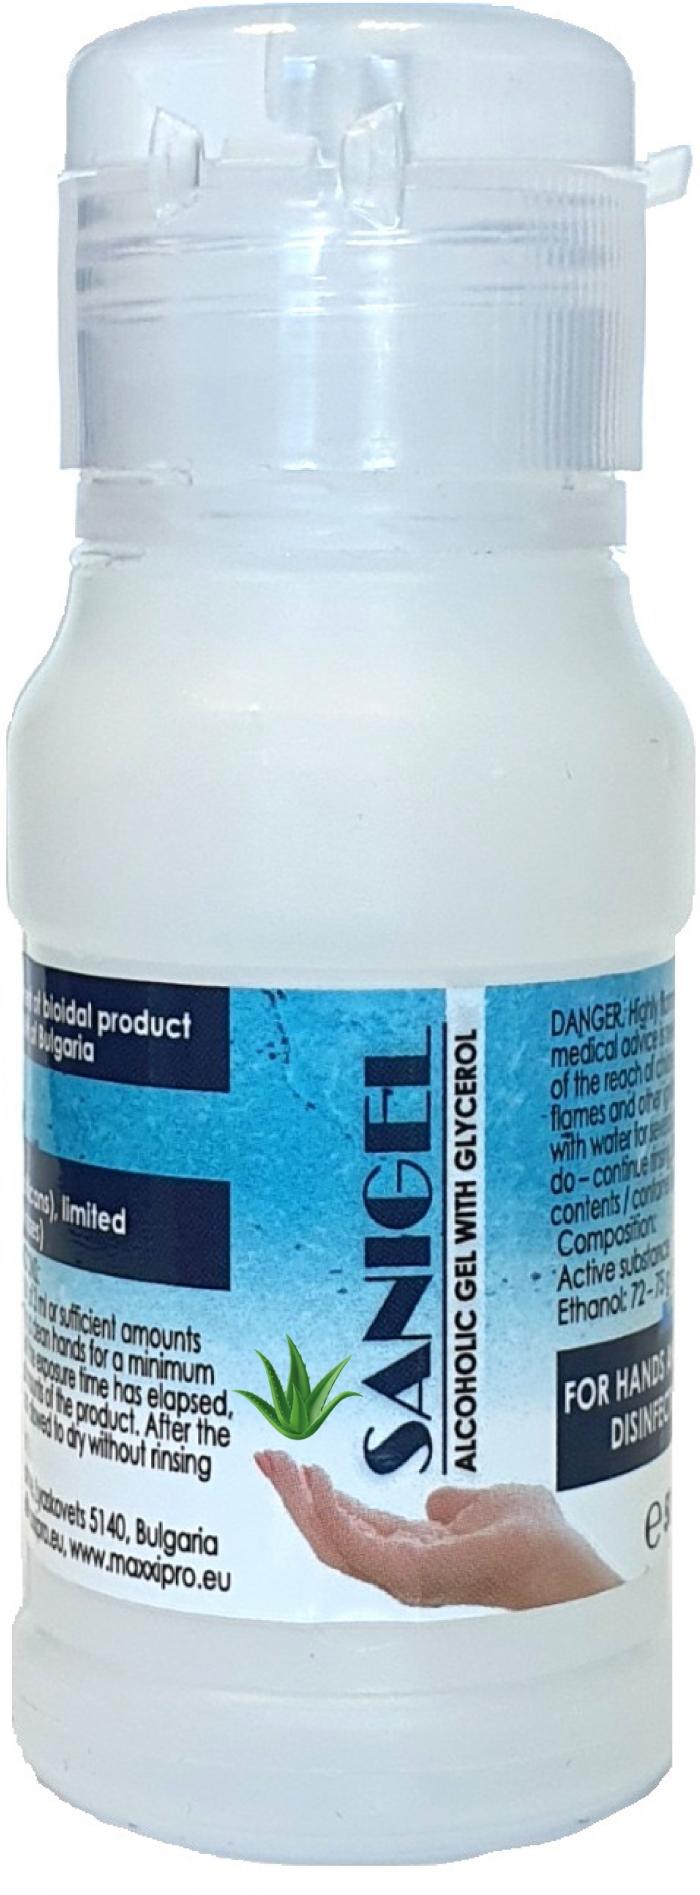 санигел/sanigel антибактериален гел за ръце